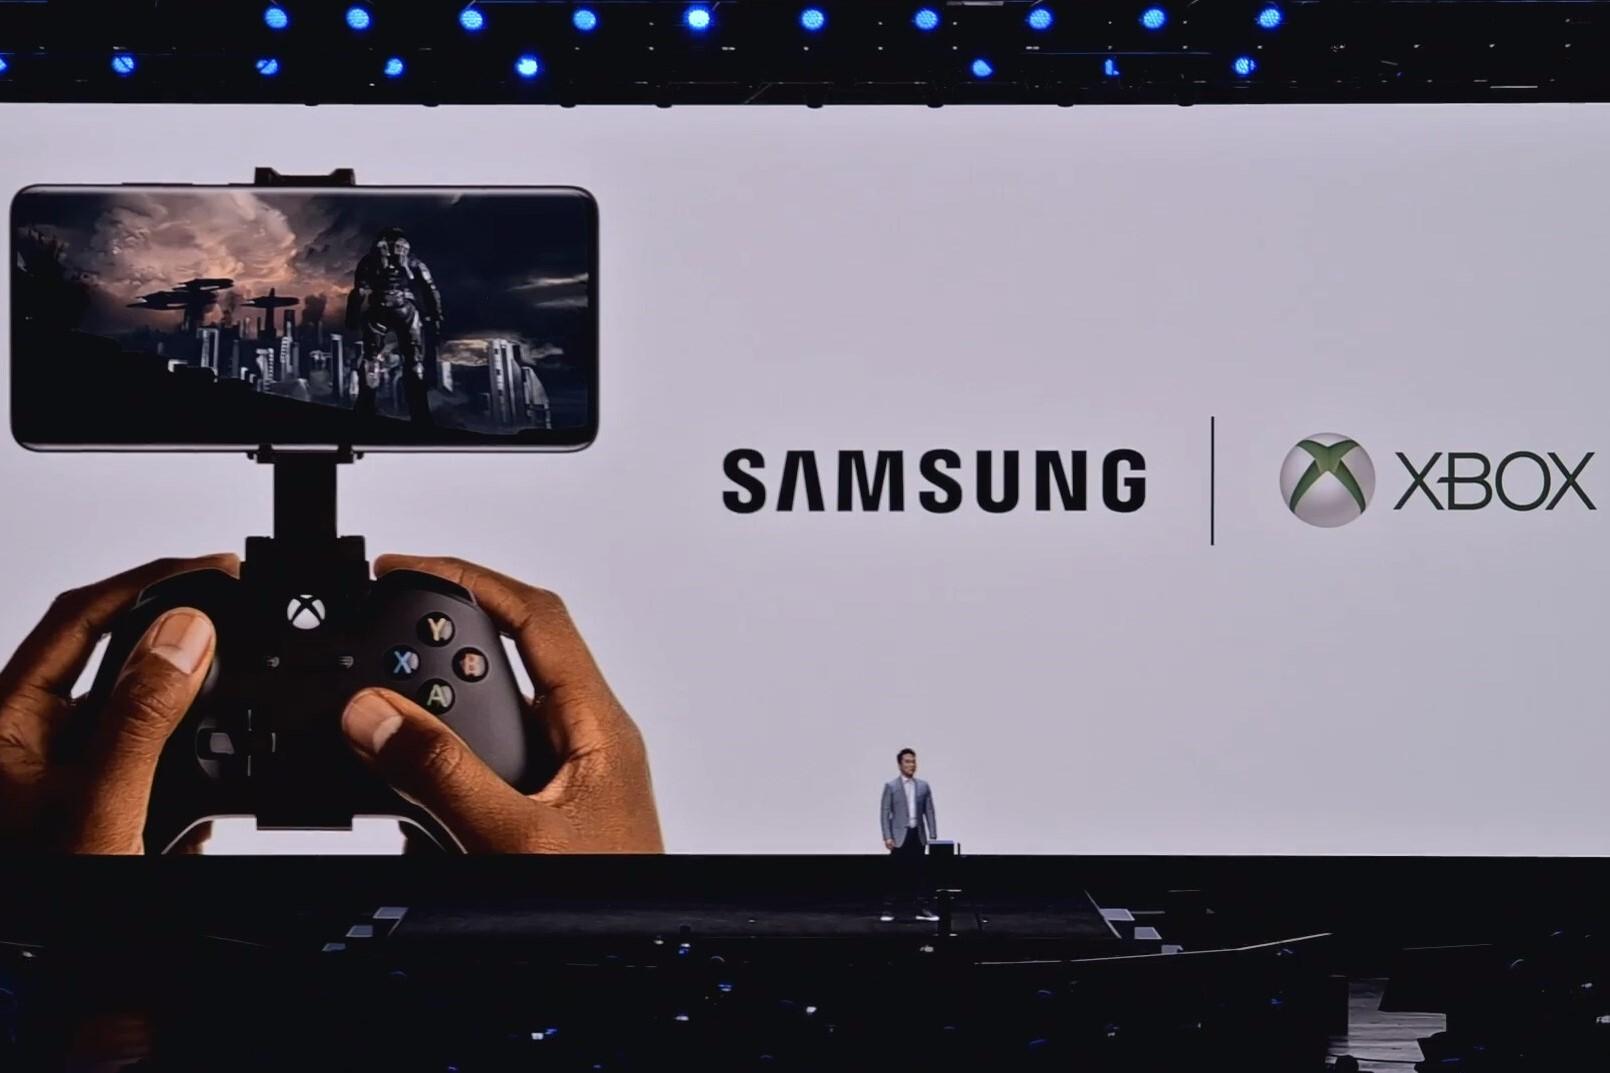 سامسونگ برای گوشیهای گلکسی یک گیمپد جدید خواهد ساخت؟